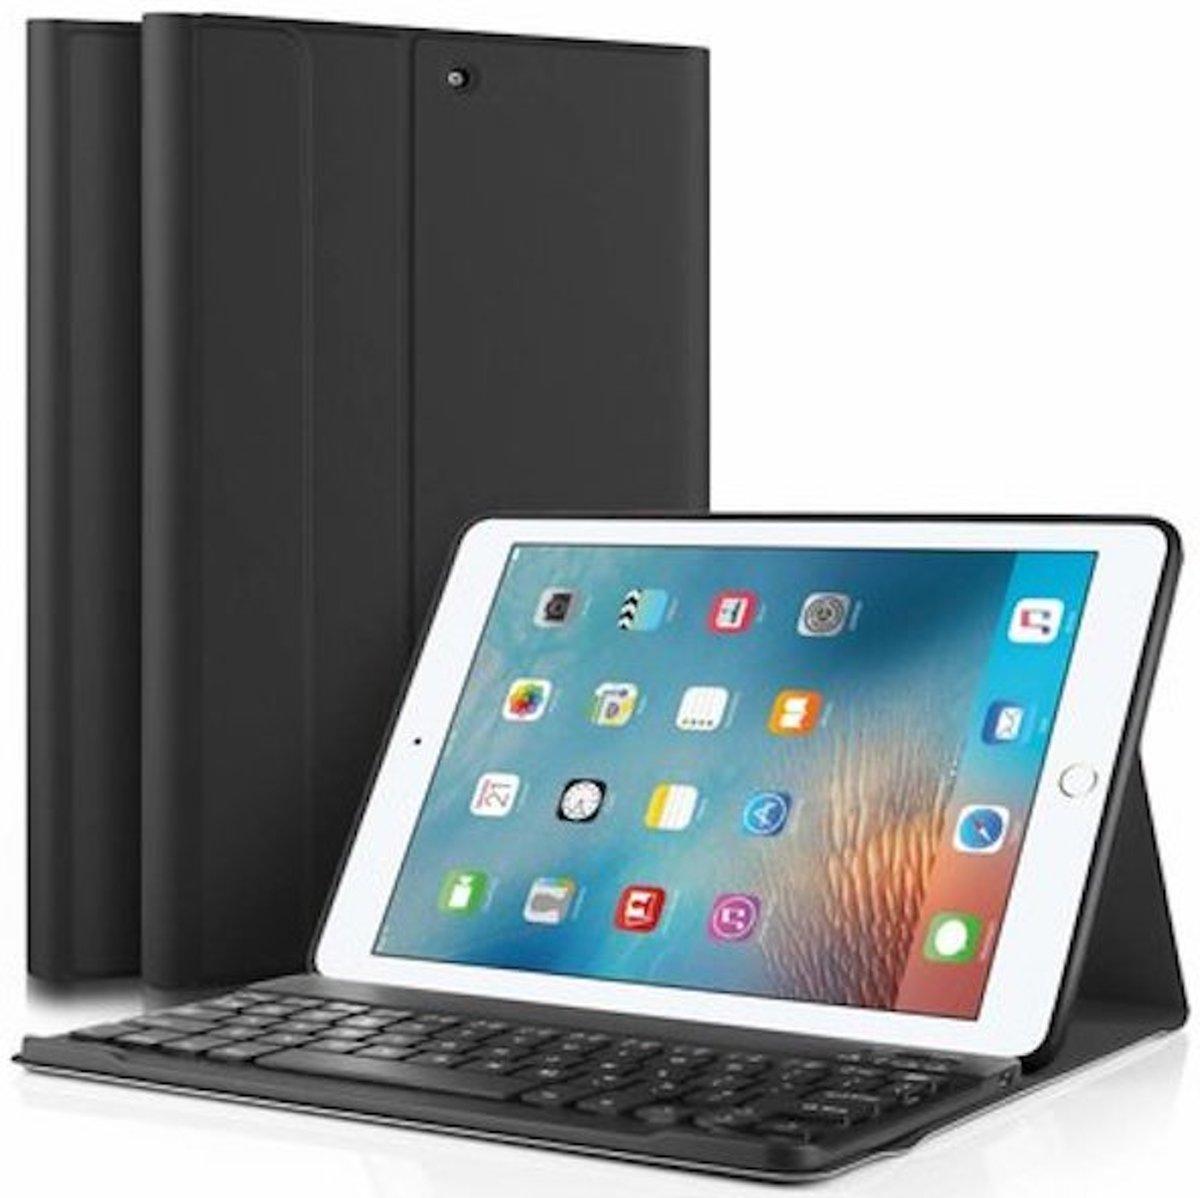 Tablet2you Apple iPad 2018 toetsenbord in Leren Hoes - Zwart kopen